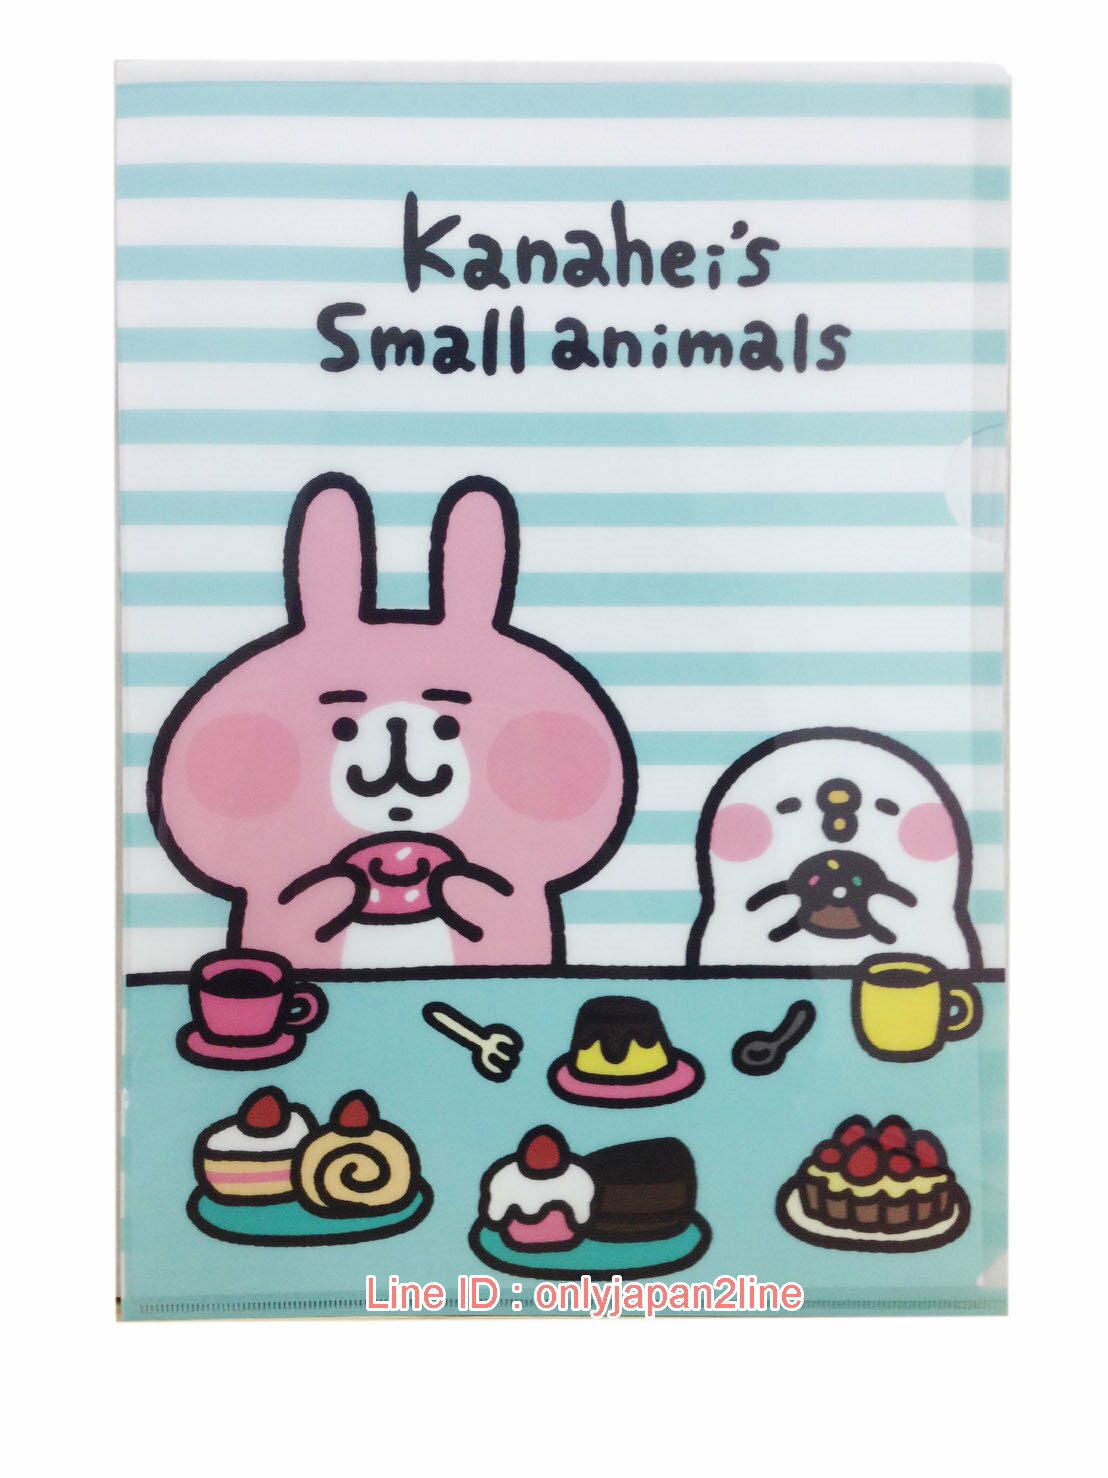 【真愛日本】17021000001卡娜赫拉L夾-點心綠紋   卡娜赫拉 全家 FamilyMart  資料夾 L夾  文具